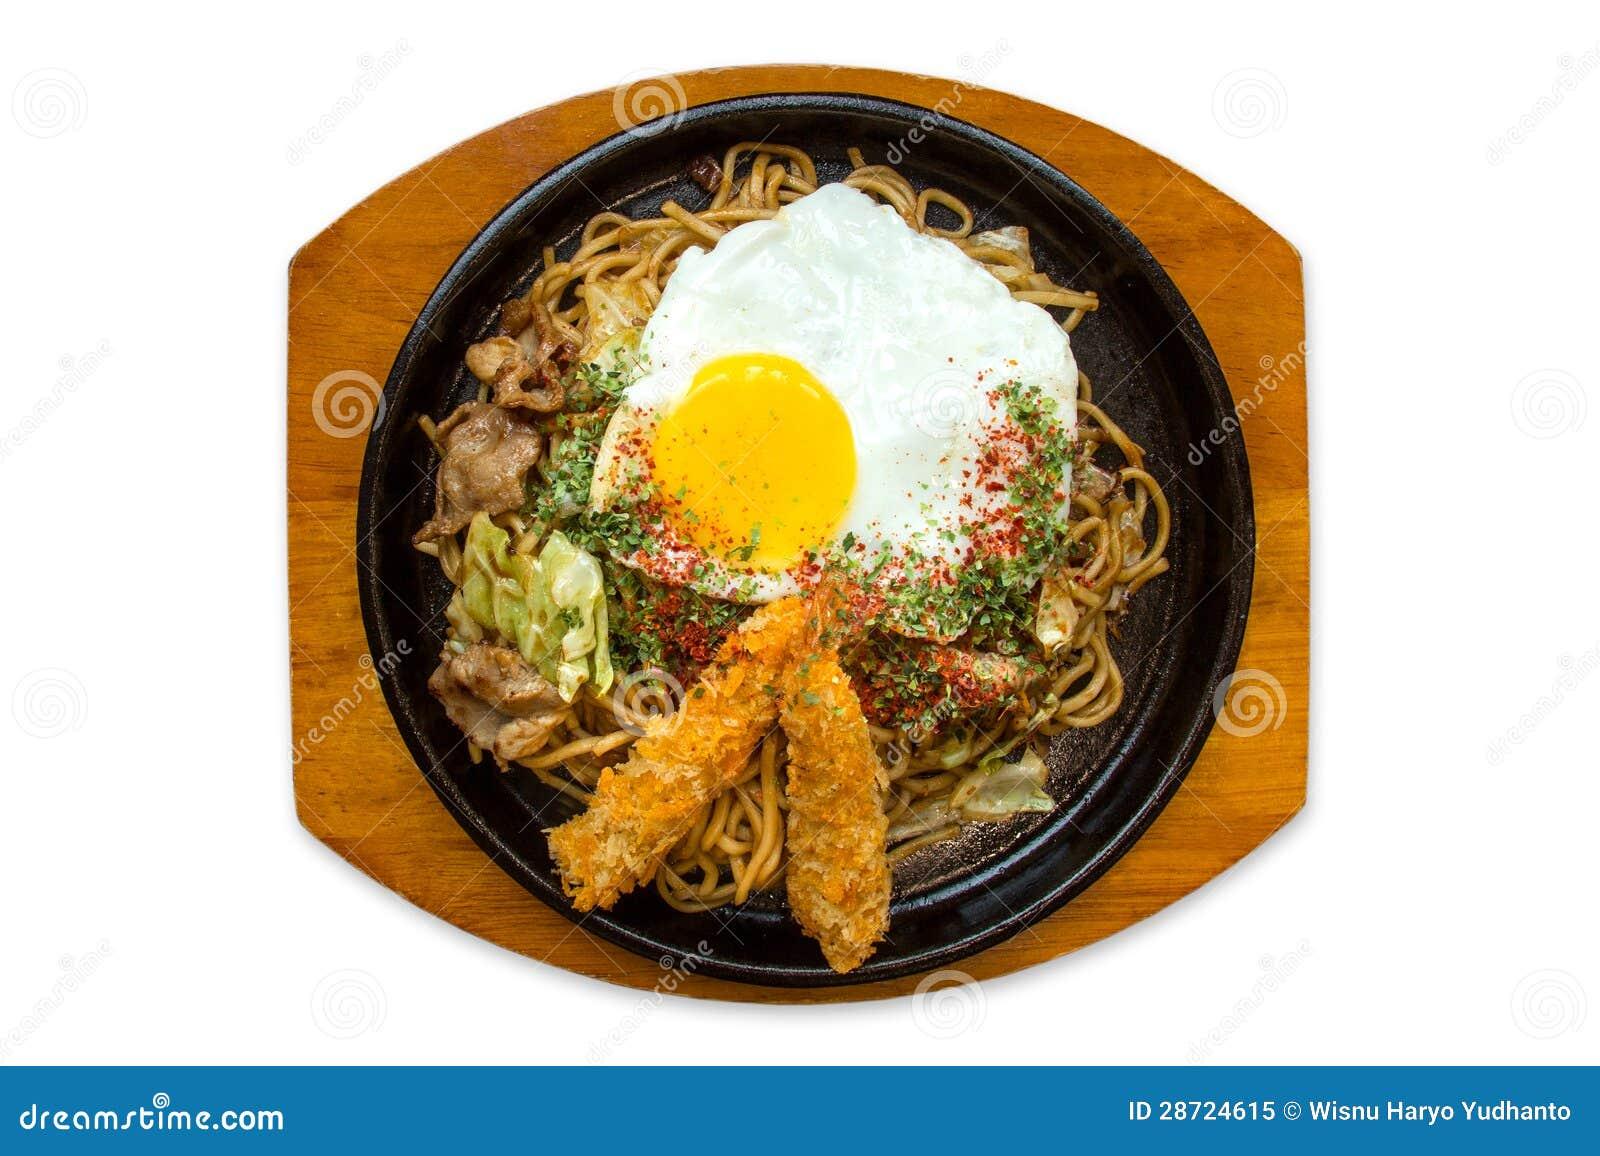 Yakisoba, Japanese Fried Noodles Royalty Free Stock Photo - Image ...